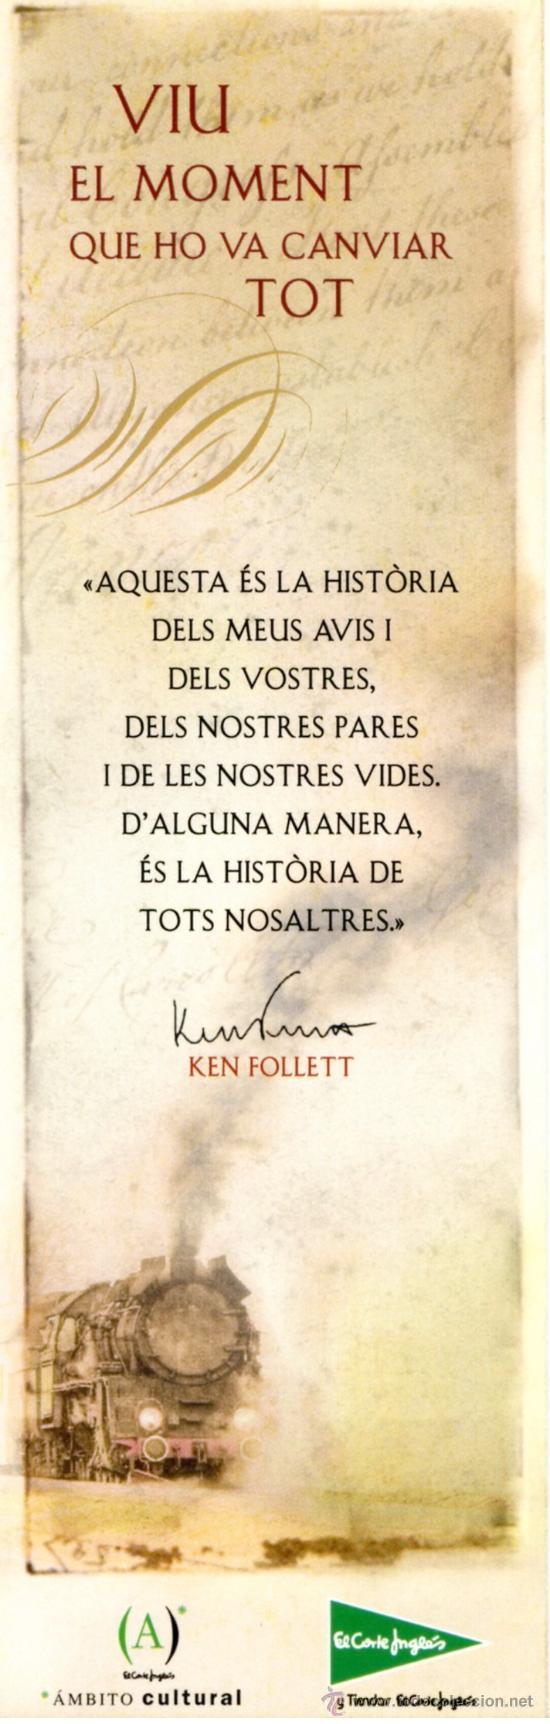 Coleccionismo Marcapáginas: Marcapáginas ROSA DELS VENTS – KEN FOLLETT (Catalan) - Foto 2 - 105305920